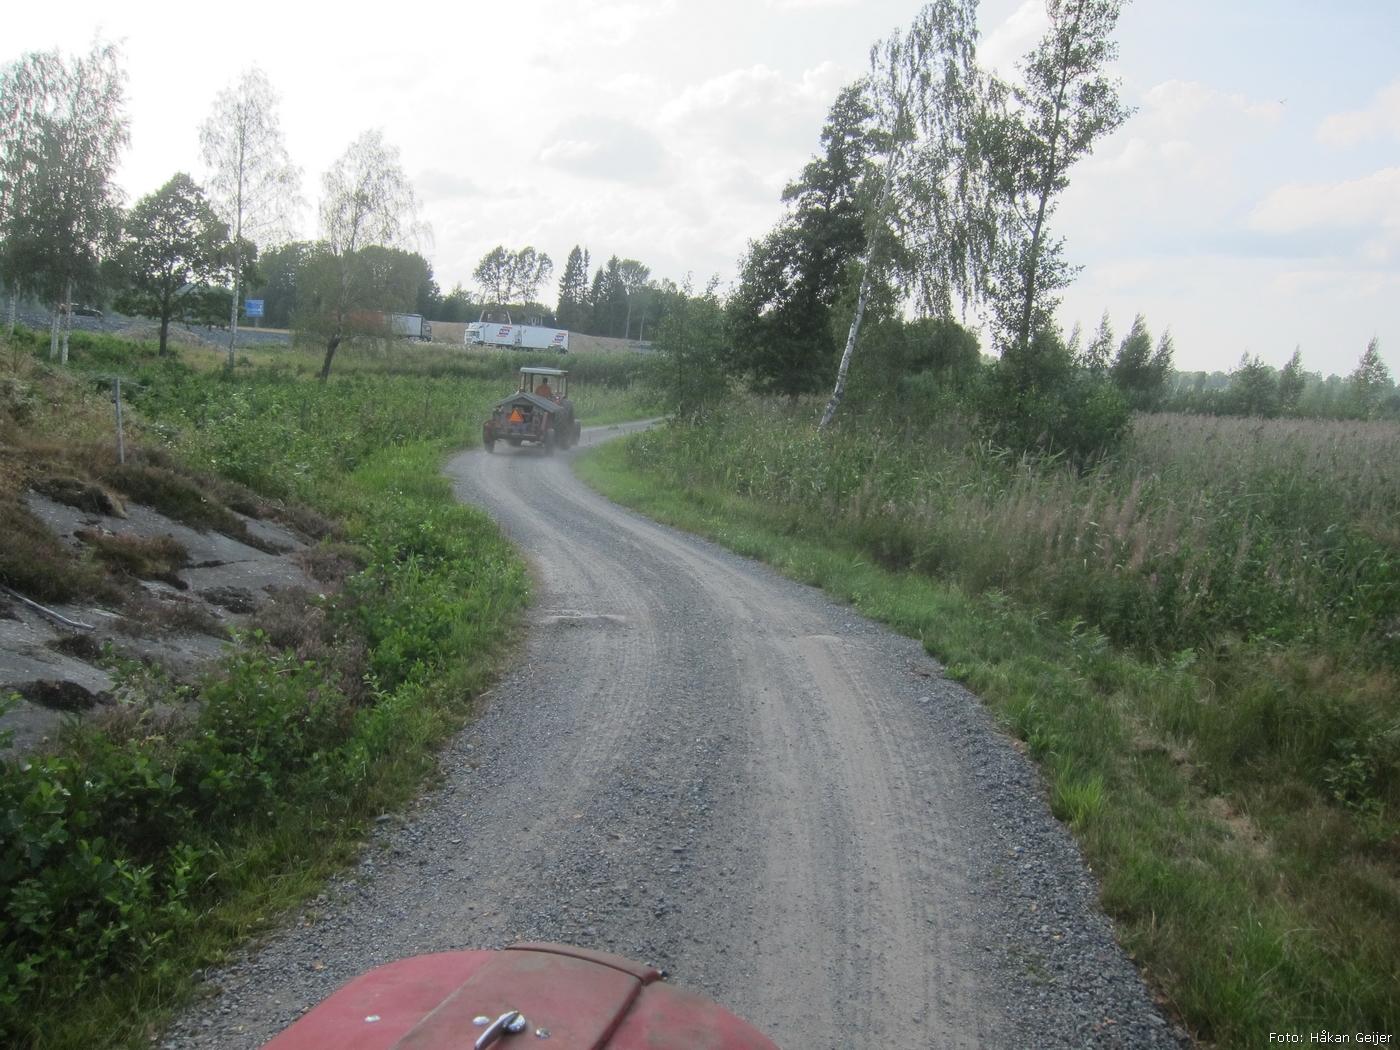 2014-08-01_66_traktorresa